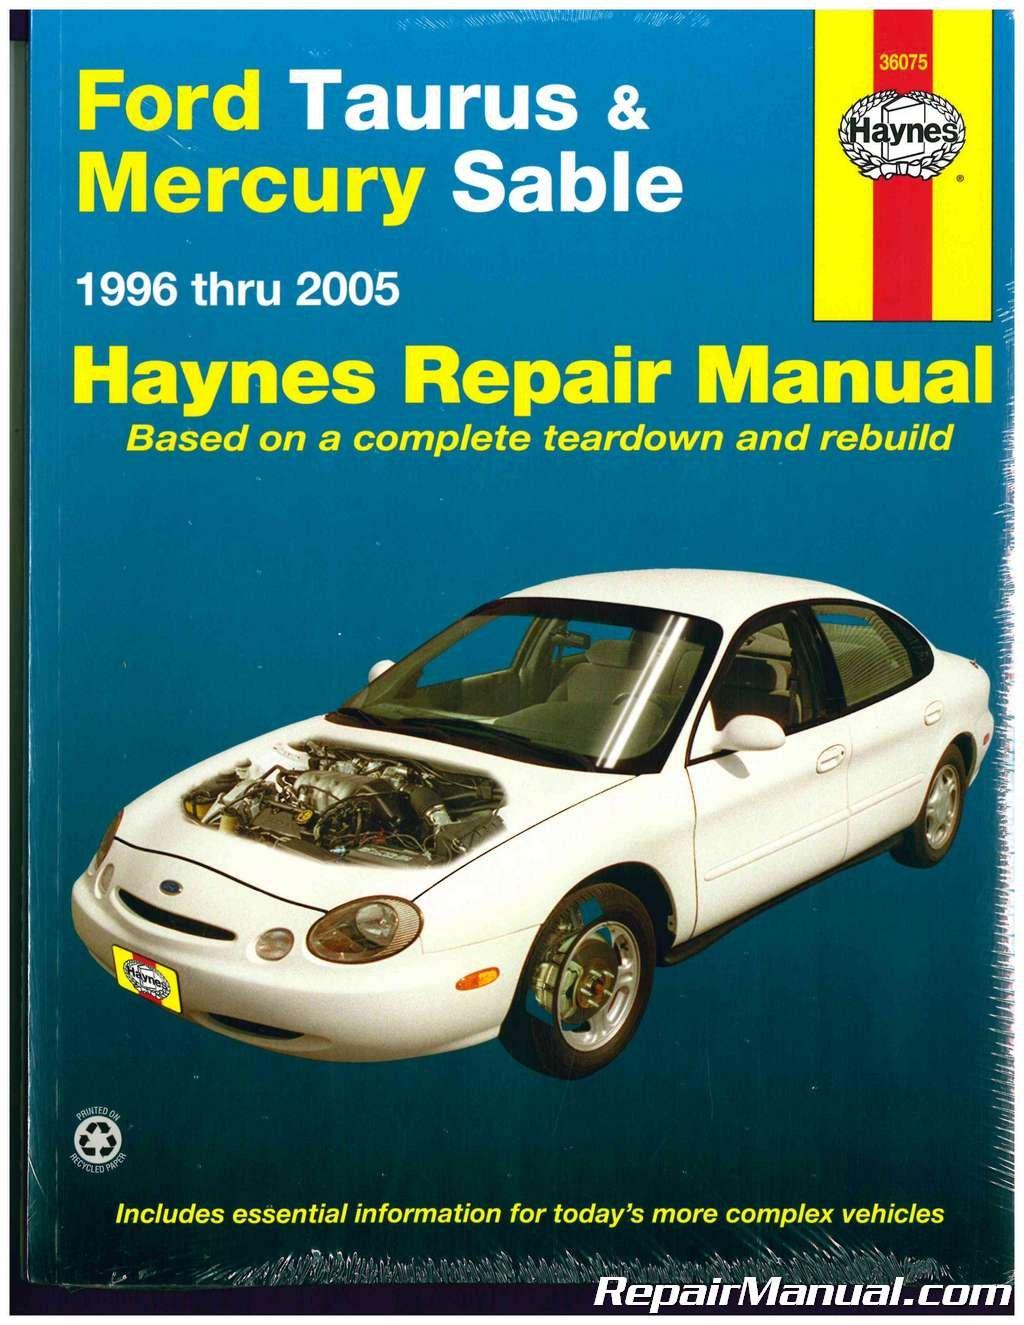 NOS-H36075 Haynes Ford Taurus Mercury Sable 1996-2005 Ford Repair Manual  Paperback – 2015